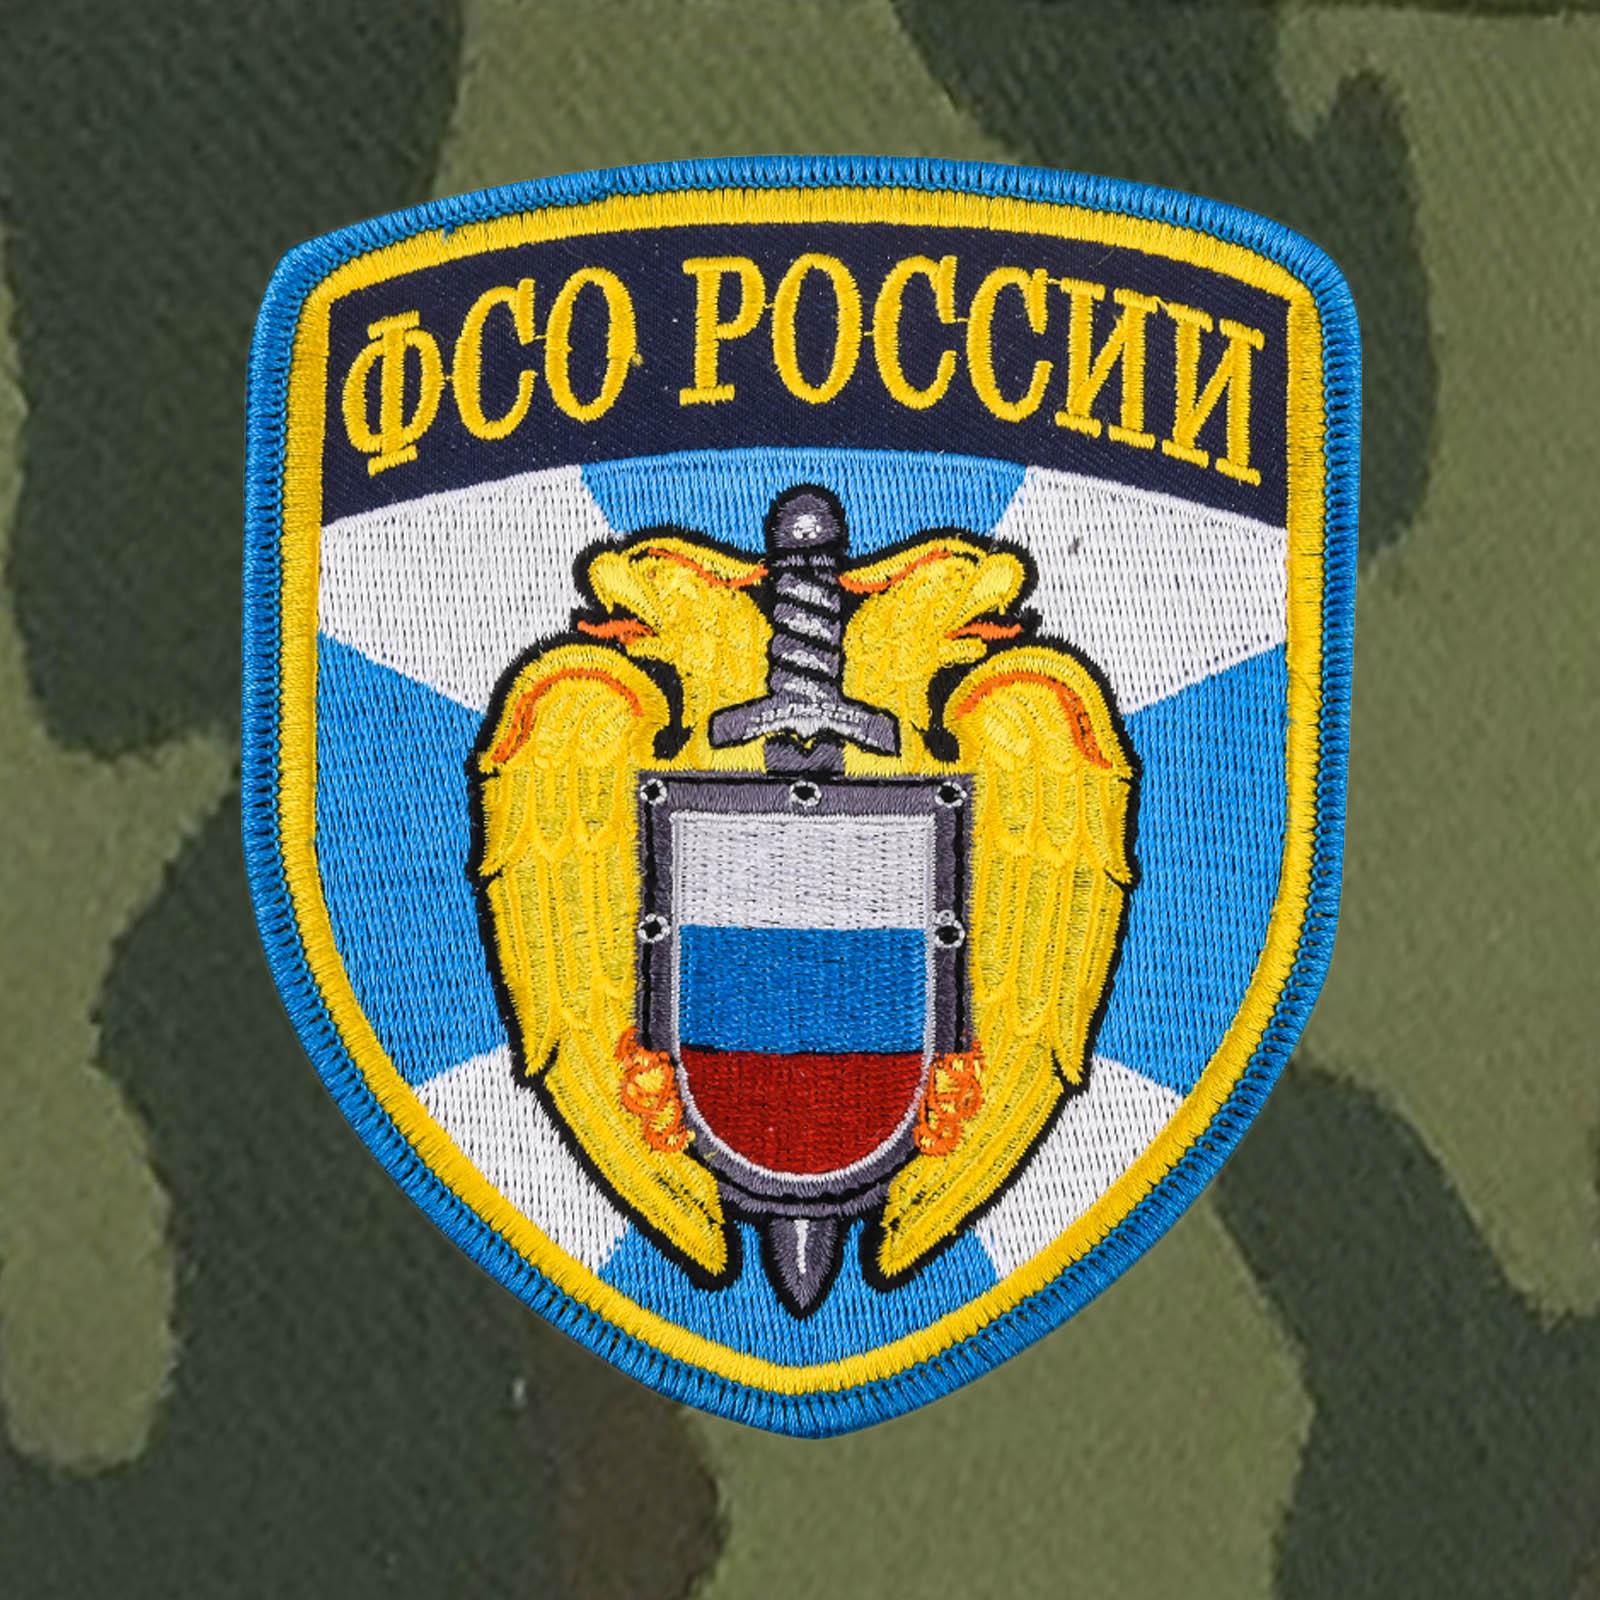 Служебная кепка с цветным шевроном ФСО России